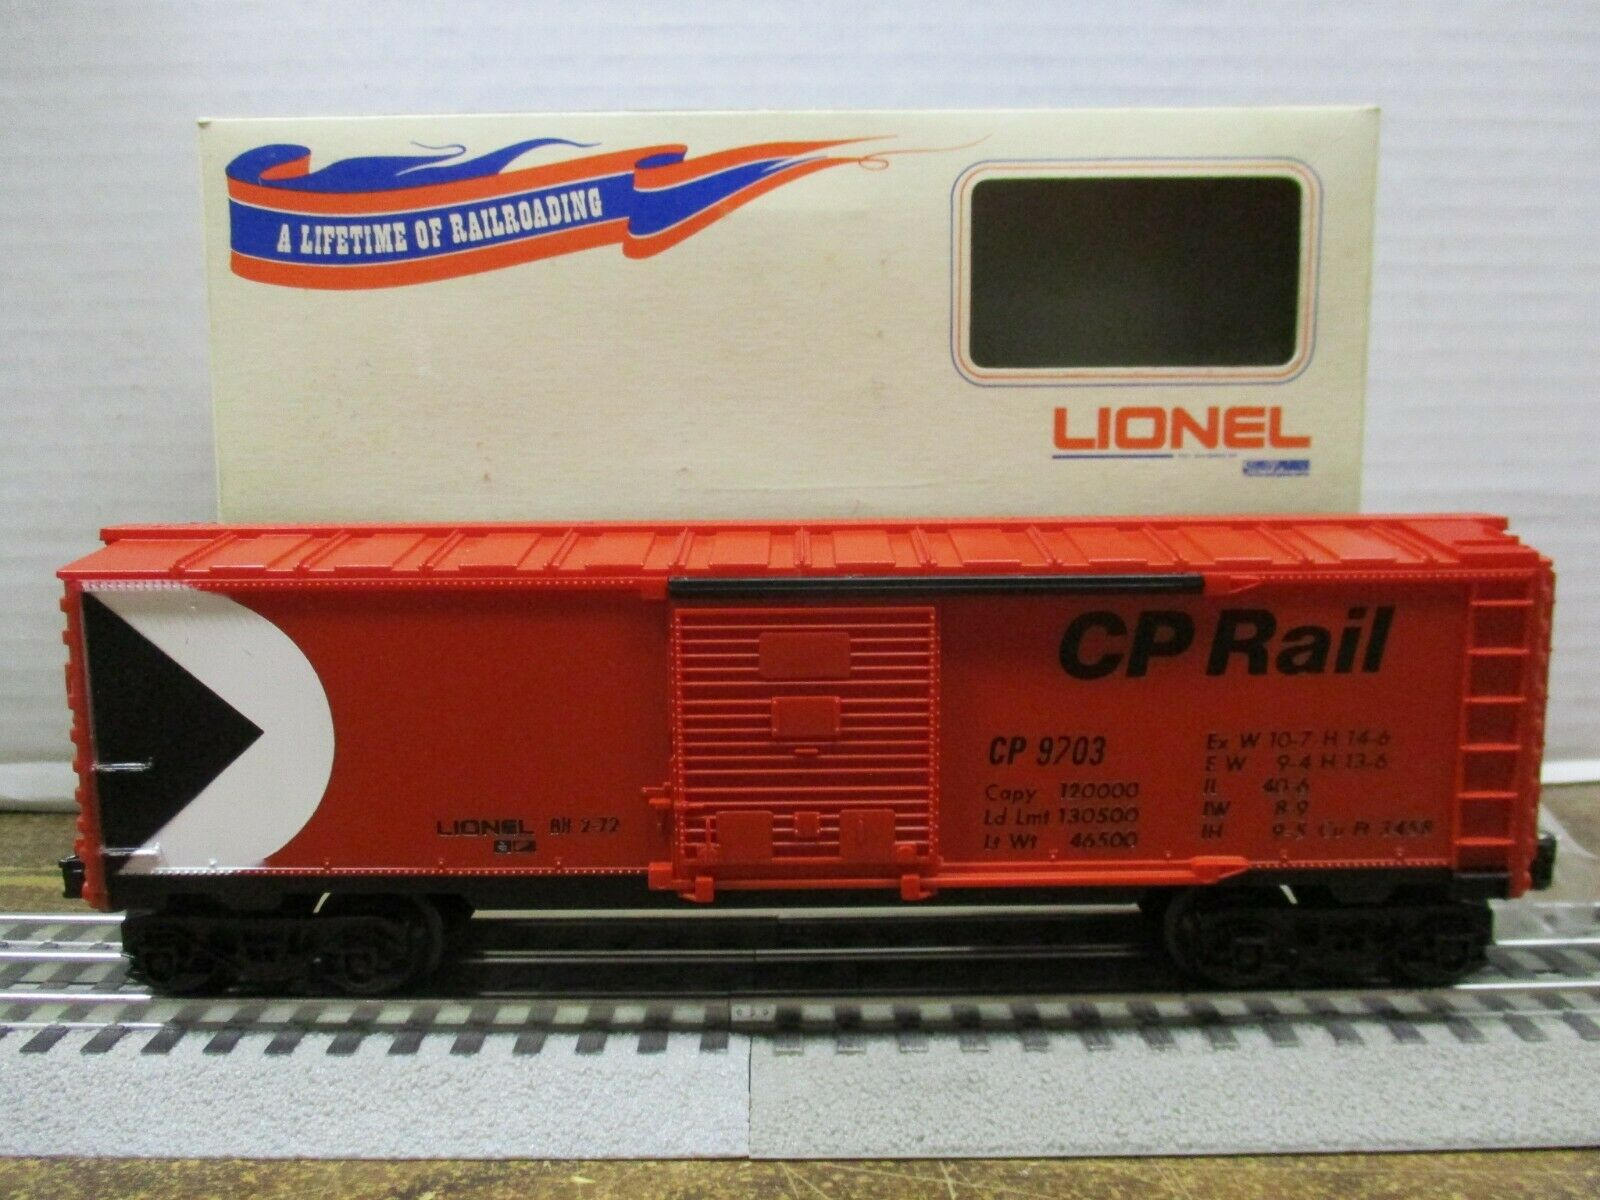 Coche Lionel  9703 Cp Rail Caja En Caja Original 1972